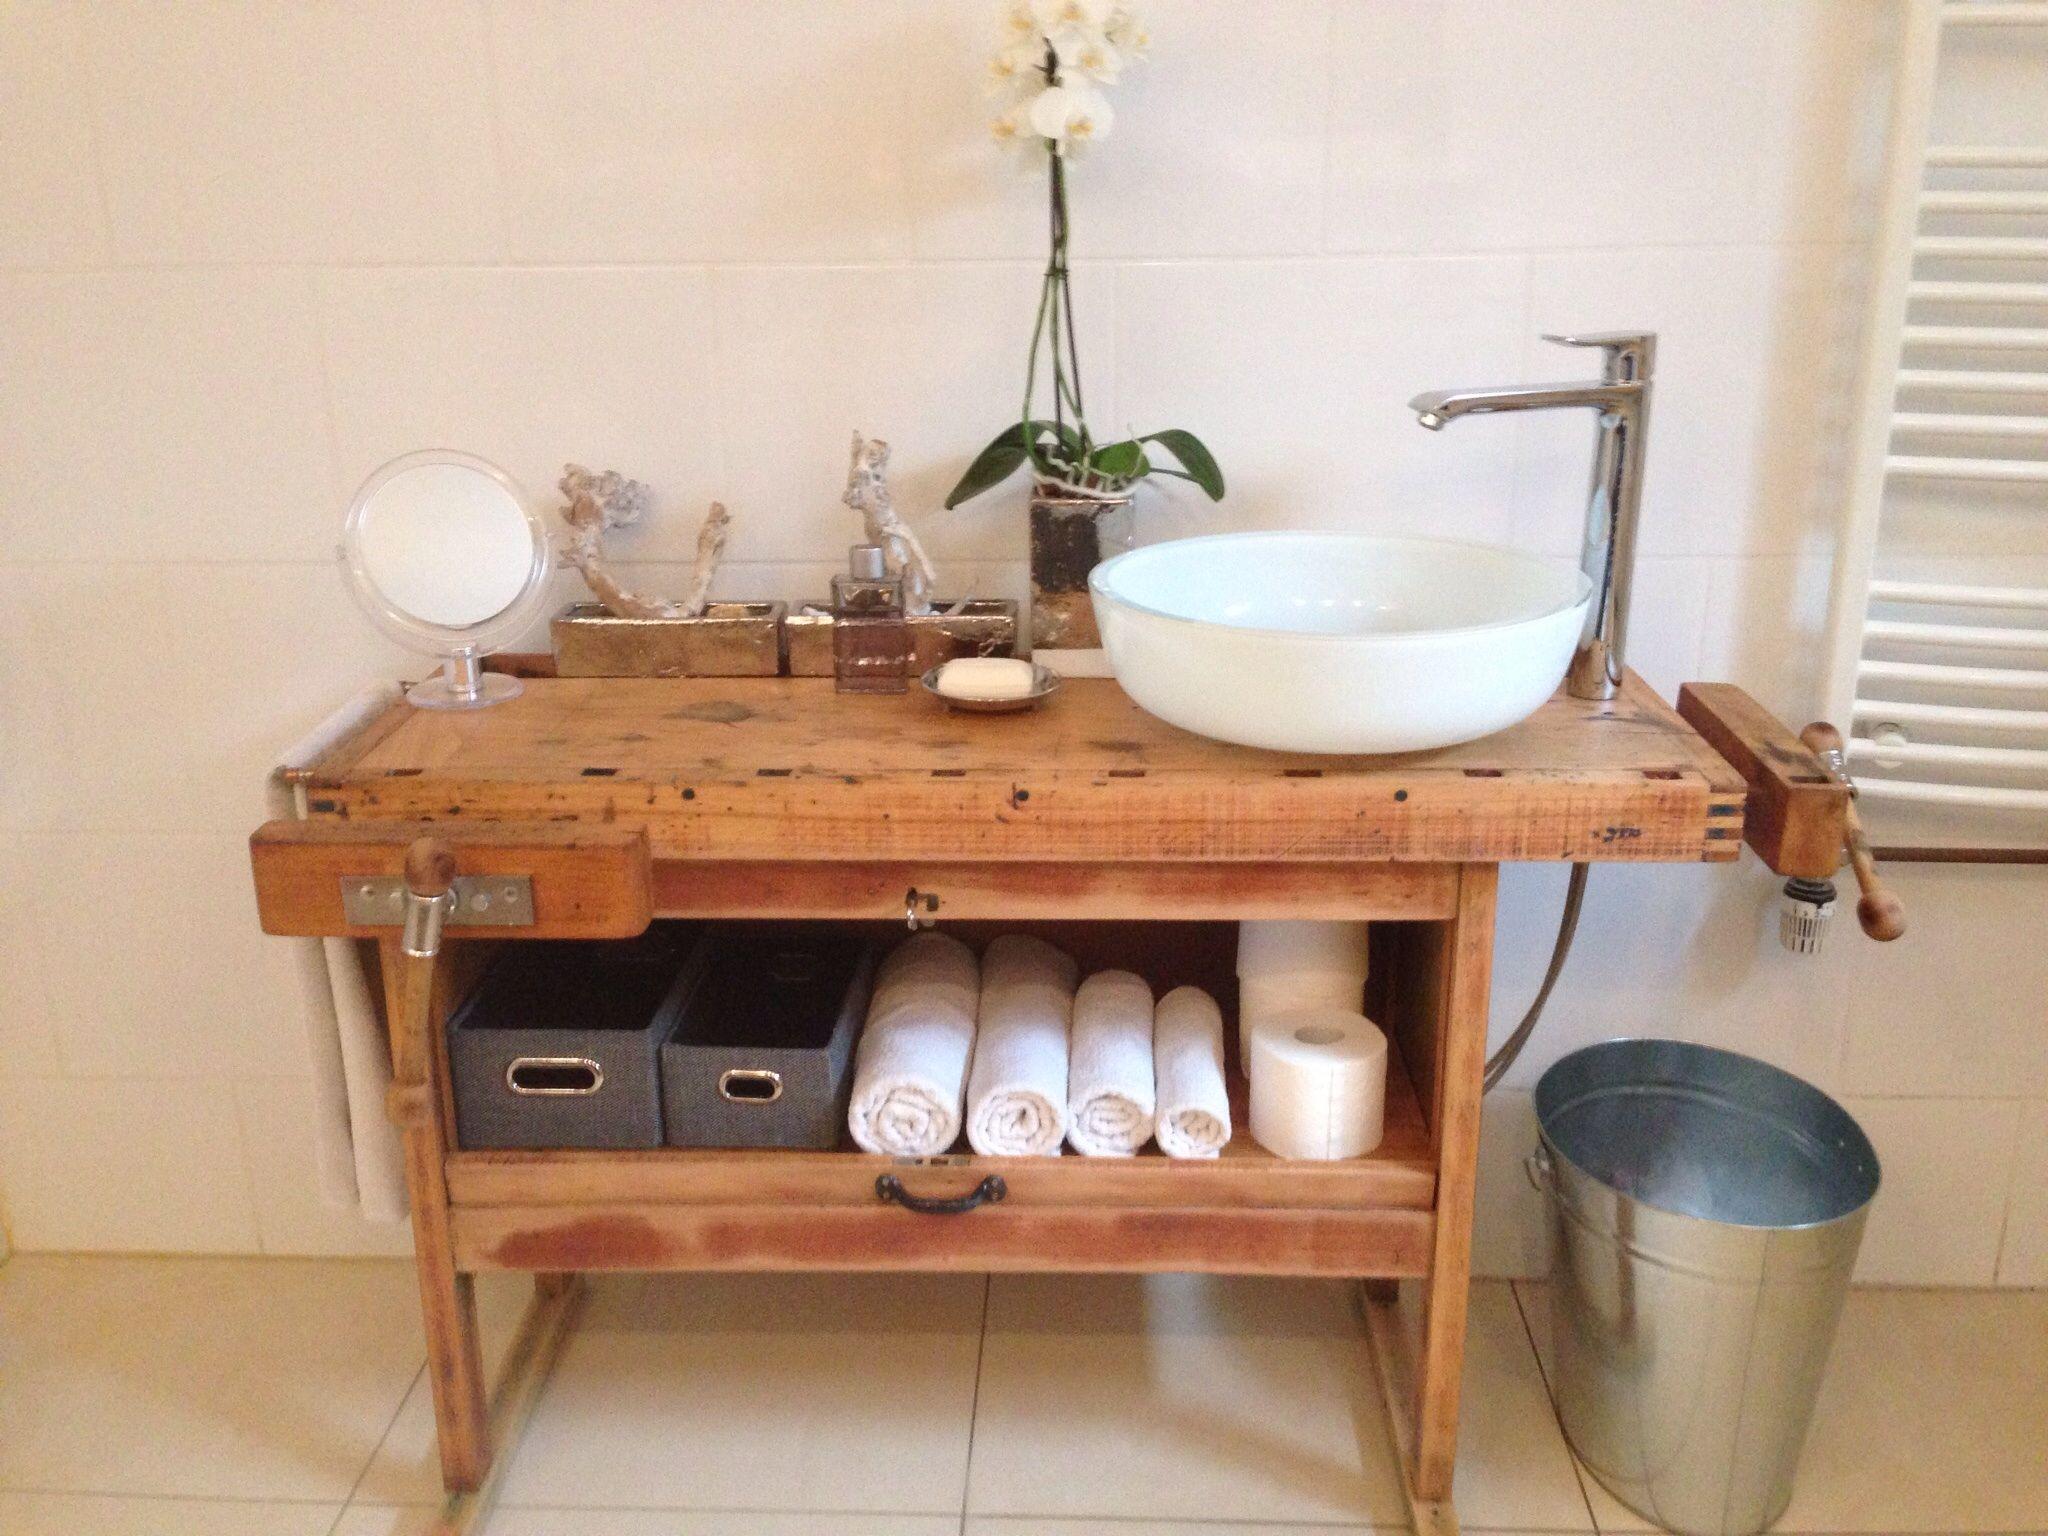 Waschtisch Aus Einer Hobelbank Badezimmer Vintage Landhausstil Design Loft Redesigned By Ben P Nrw Waschtisch Holz Waschtisch Holz Beton Waschtisch